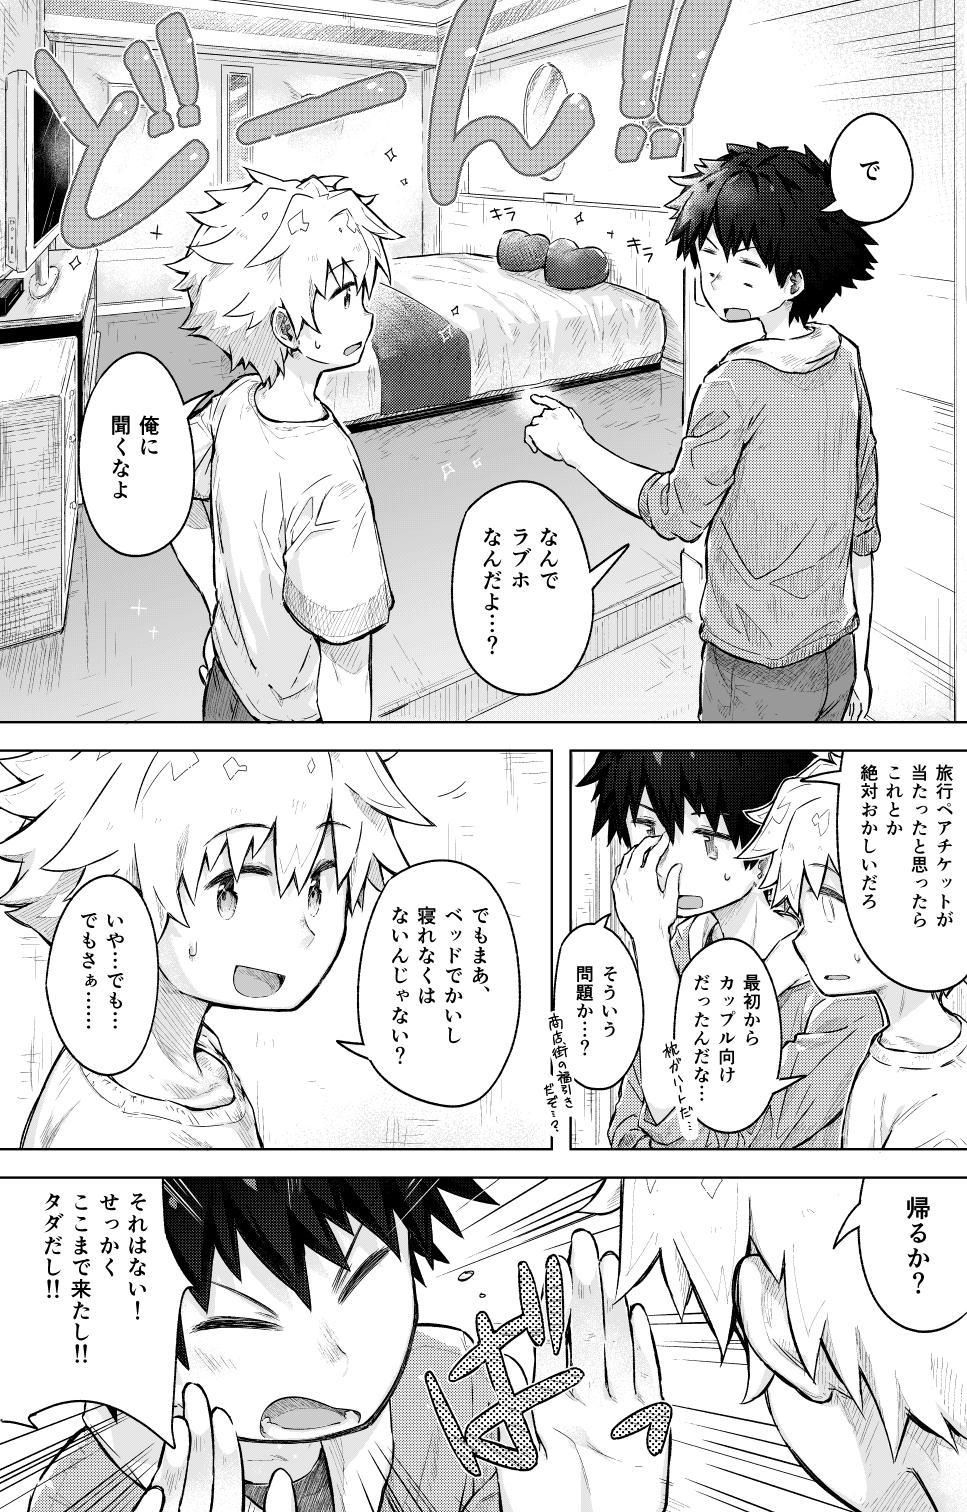 Tomodachi doushi de rabuho ni tomarukoto ni natta 1